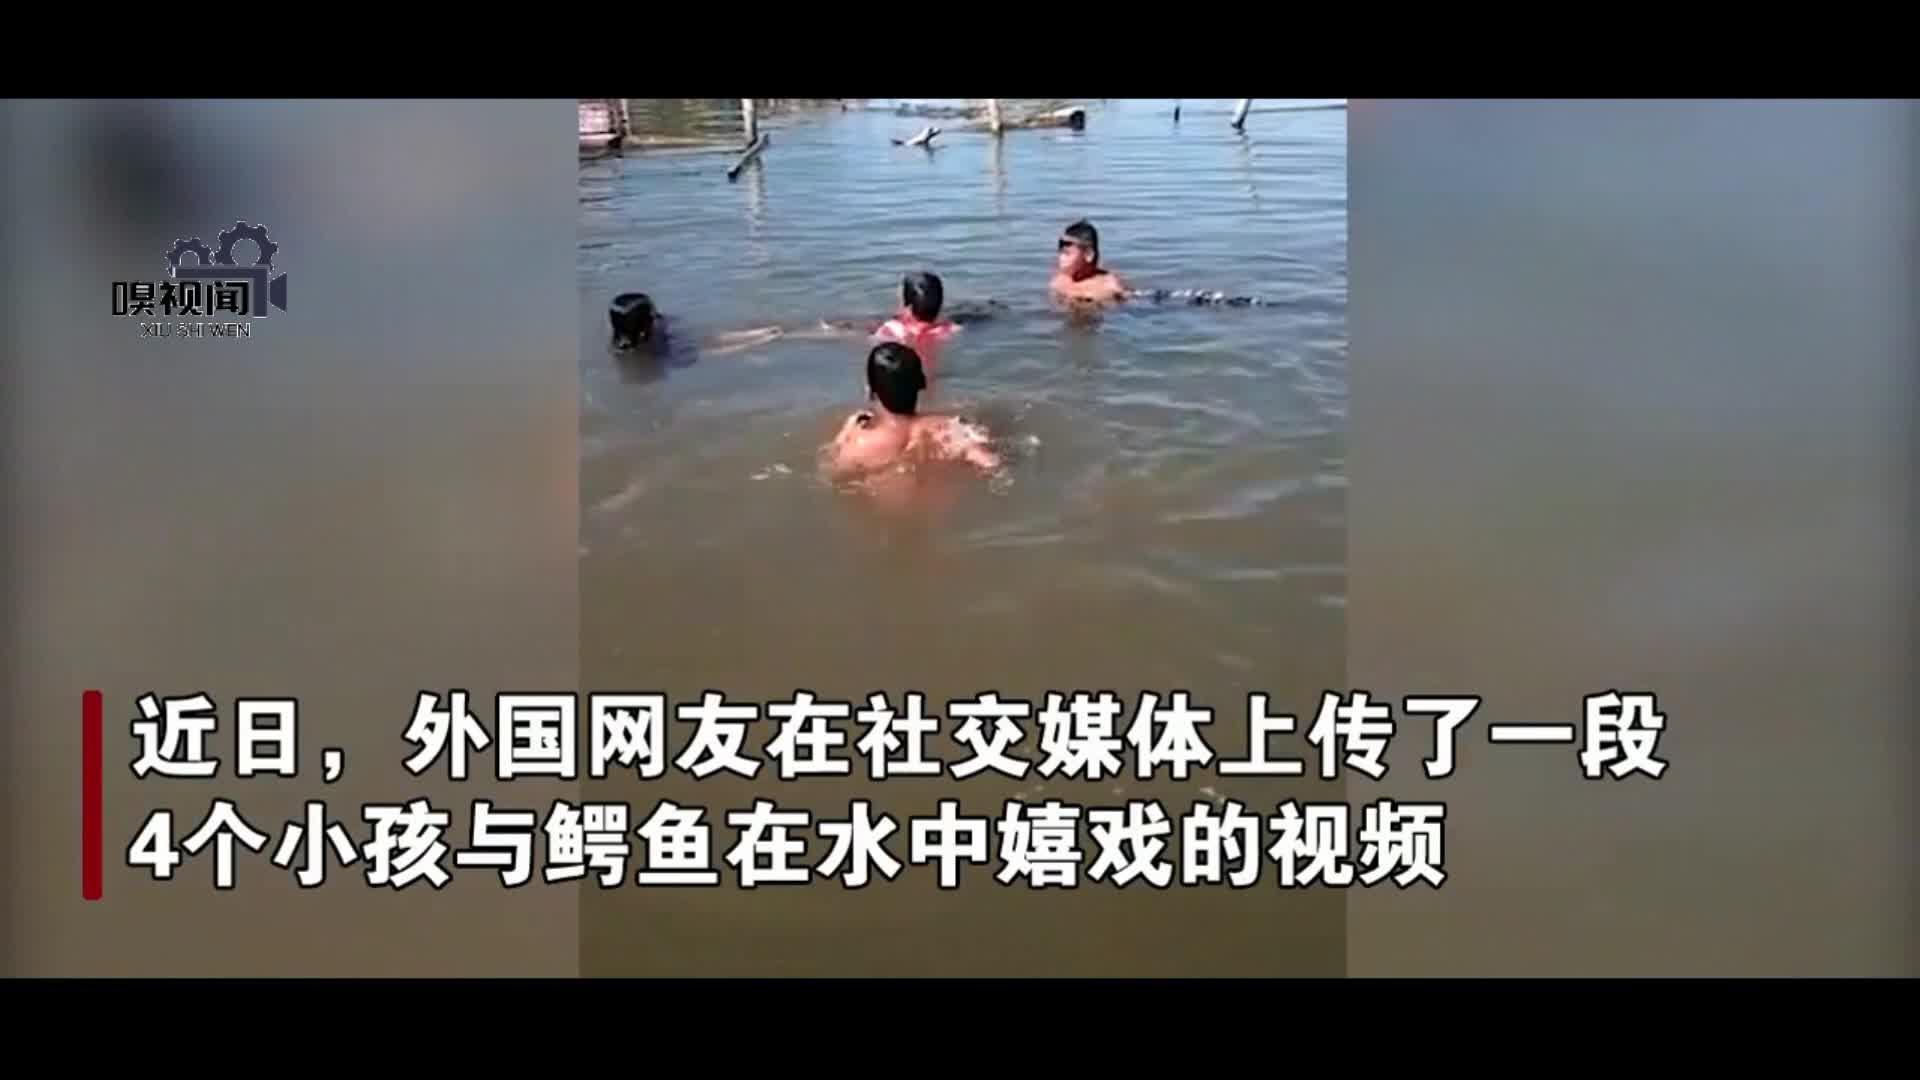 马来西亚4孩童在水中与鳄鱼玩耍 家长一旁淡定拍视频